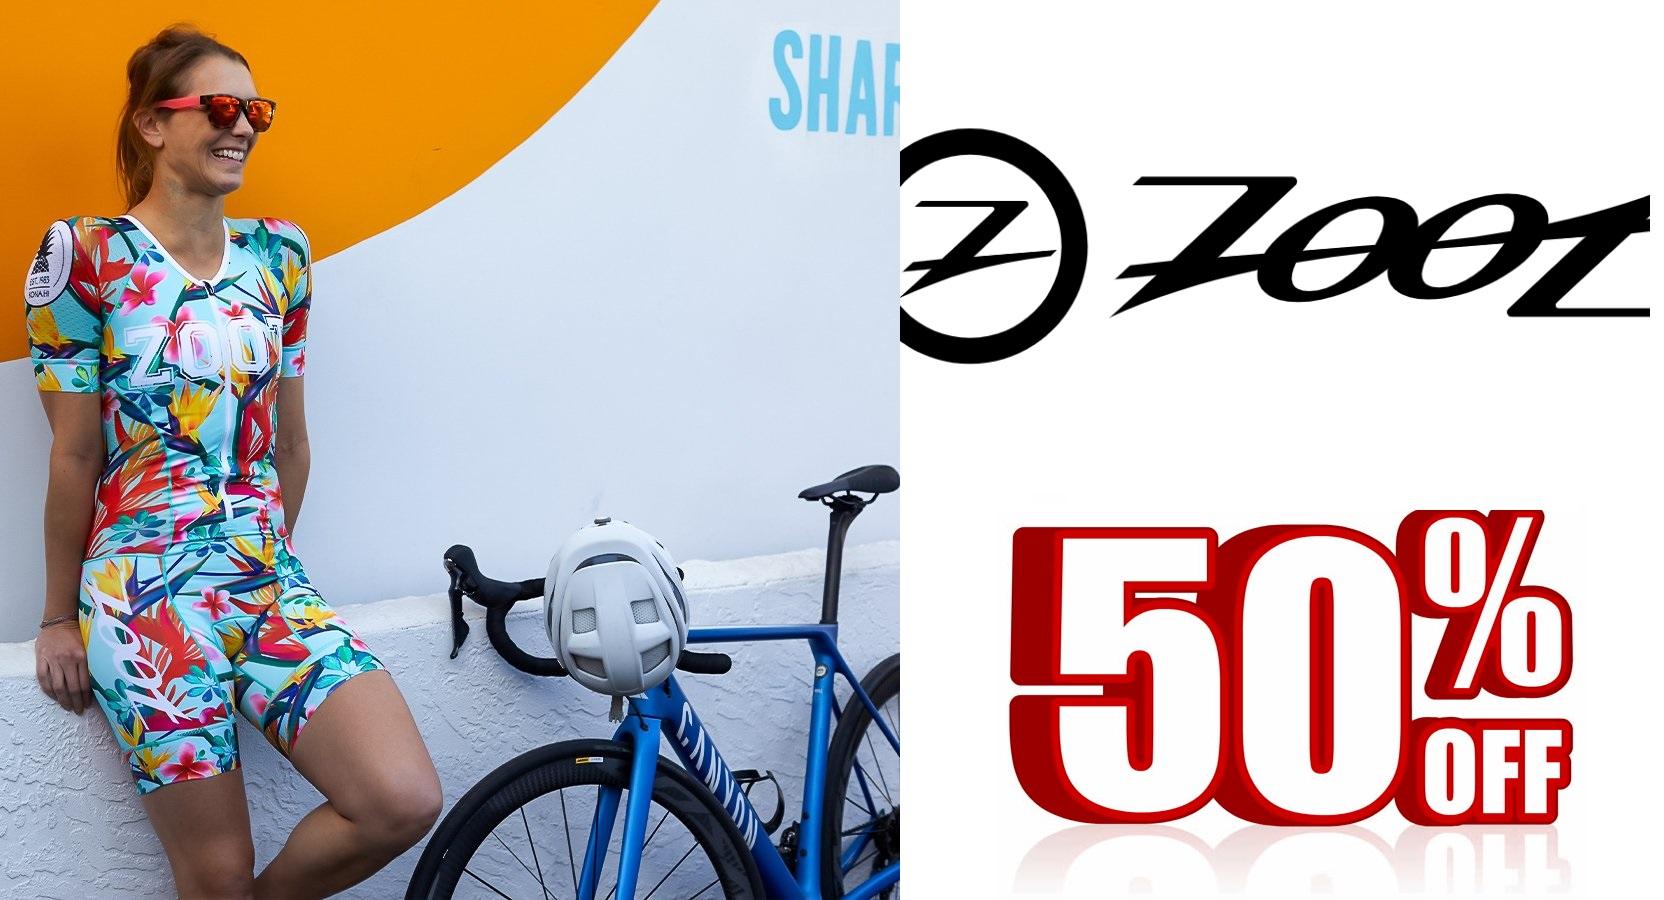 Za vsa triatlonska oblačila ZOOT velja popust 50% do konca meseca septembra oz. do razprodaje zalog!